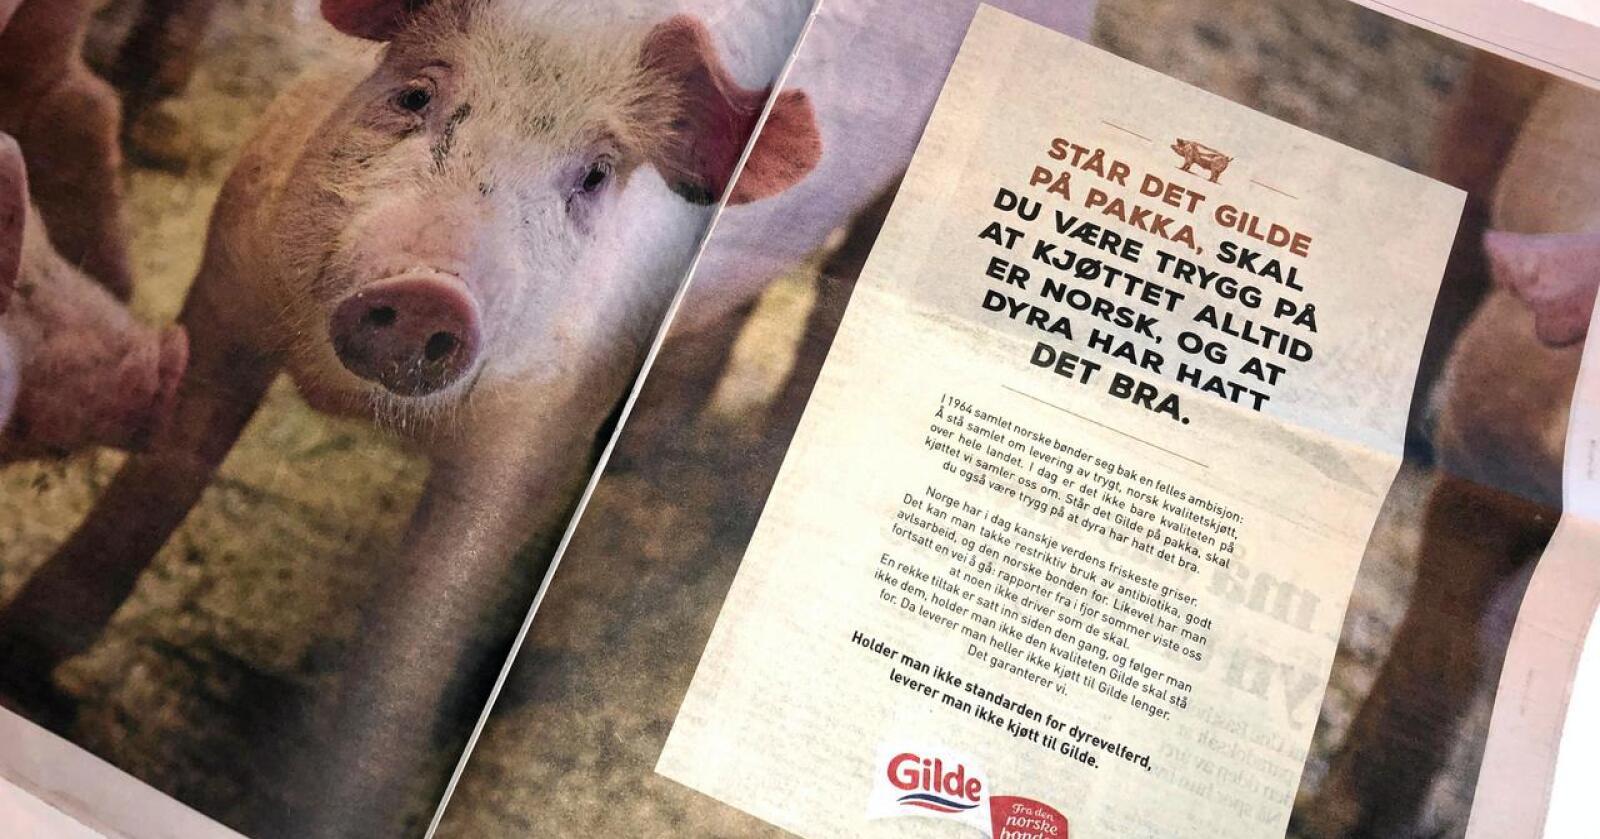 Markedsføring: Gilde-annonse dagen etter NRK-dokumentar om svinenæringa i 2019. (Foto: Lars Bilit Hagen, Nationen)